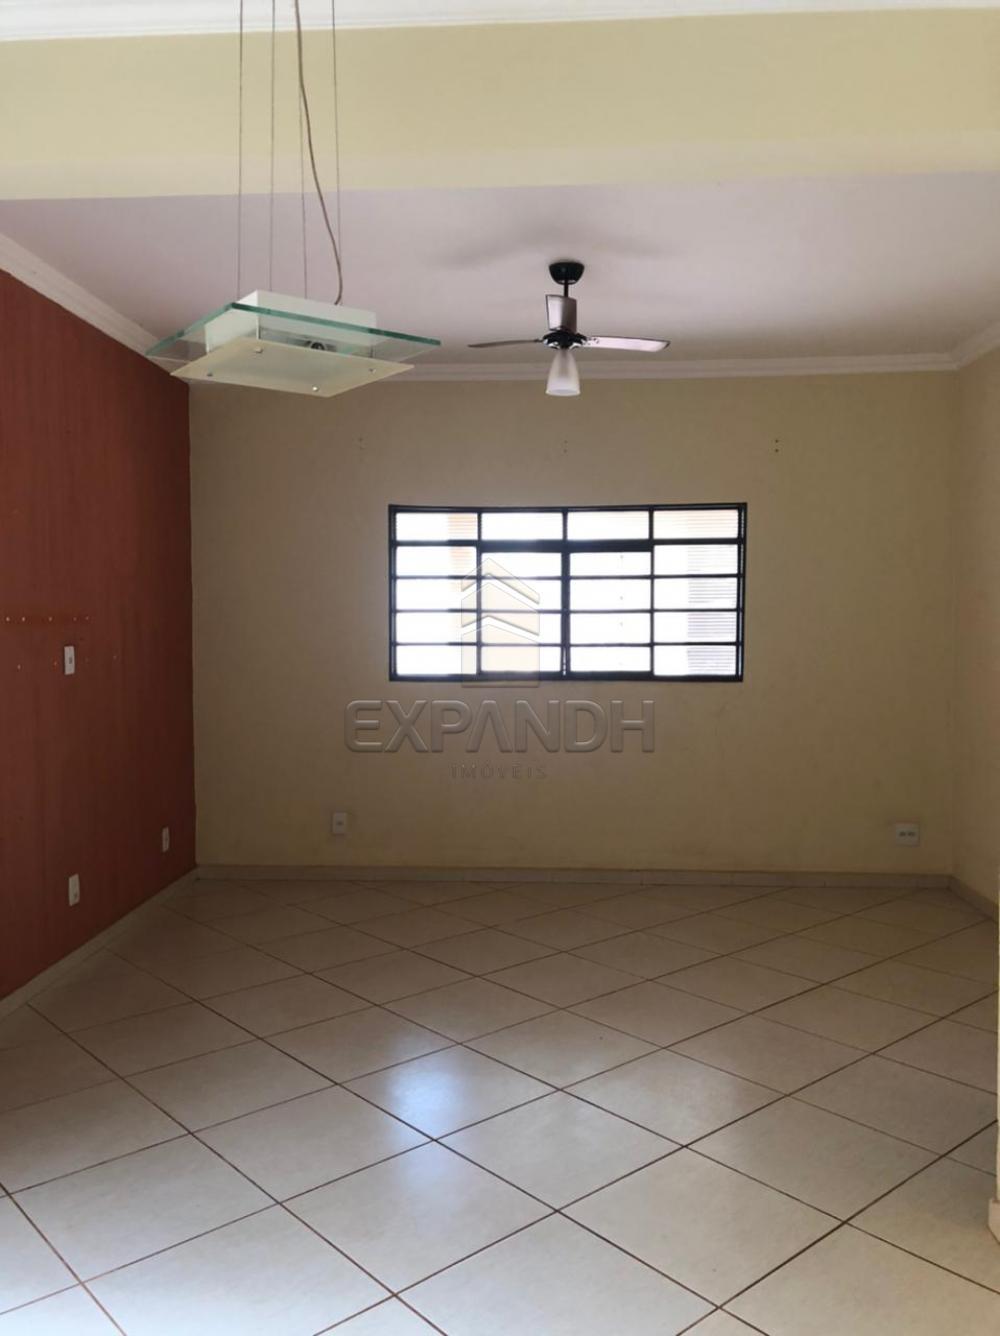 Alugar Casas / Padrão em Sertãozinho apenas R$ 1.500,00 - Foto 7